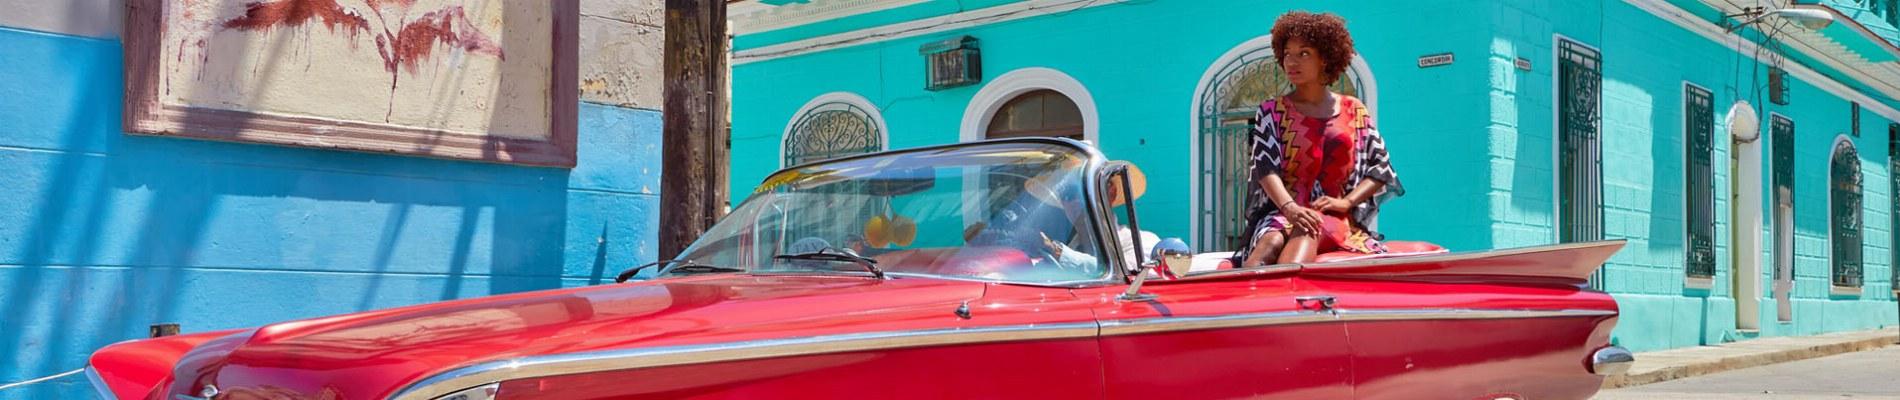 kuba reisen